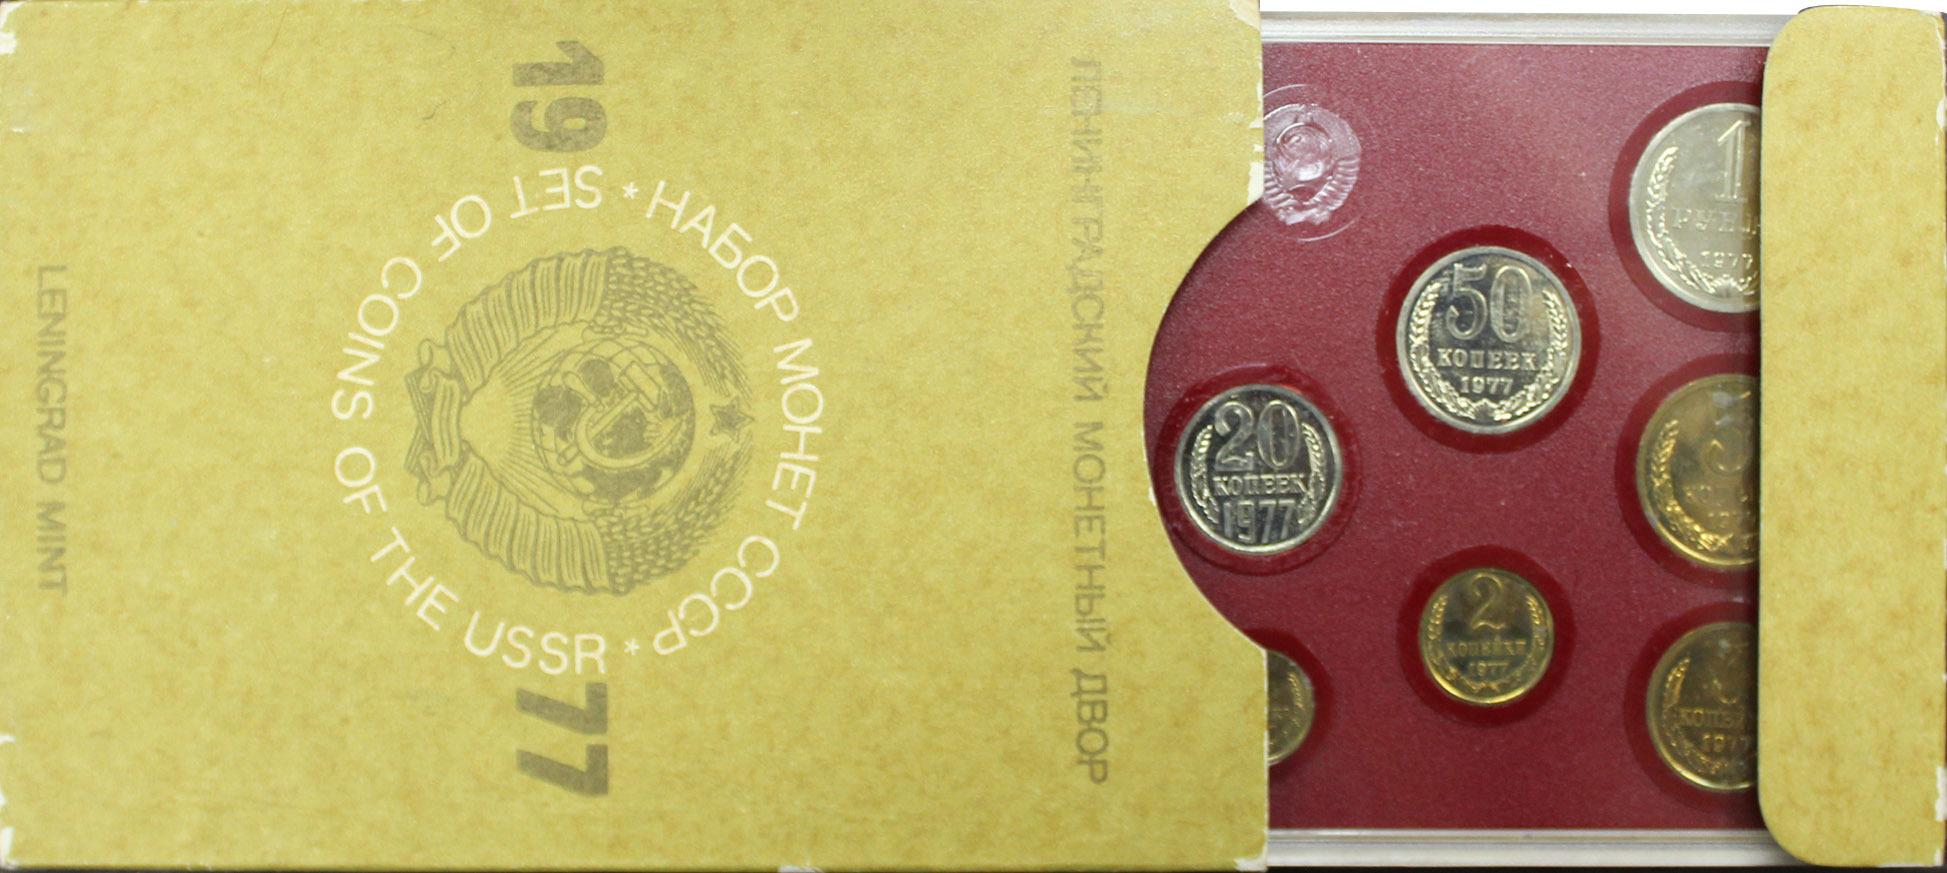 Набор регулярных монет СССР 1977 года ЛМД (с жетоном, в конверте), твердый